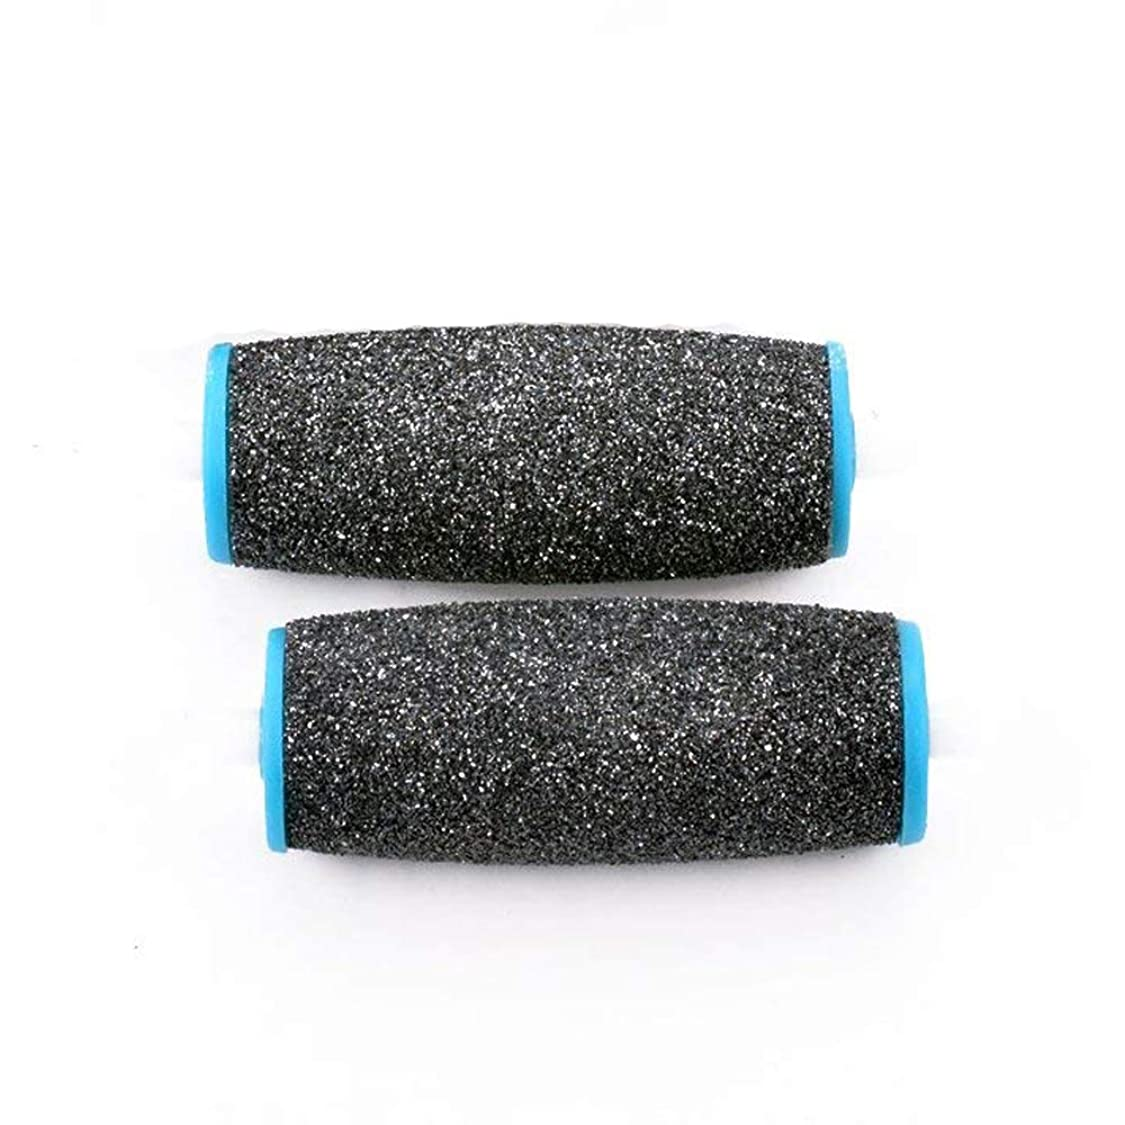 ナイロン品種バクテリアViffly ベルベットスムーズ 電動角質リムーバー ダイヤモンド リフィル エキストラ かたい角質用 2個セット (ブラック+ブルー)